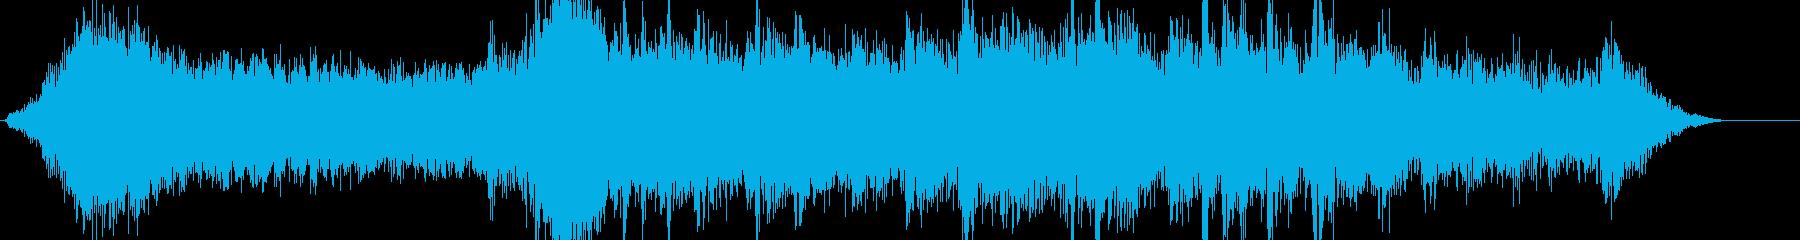 ホラー系のアンビエントです。の再生済みの波形